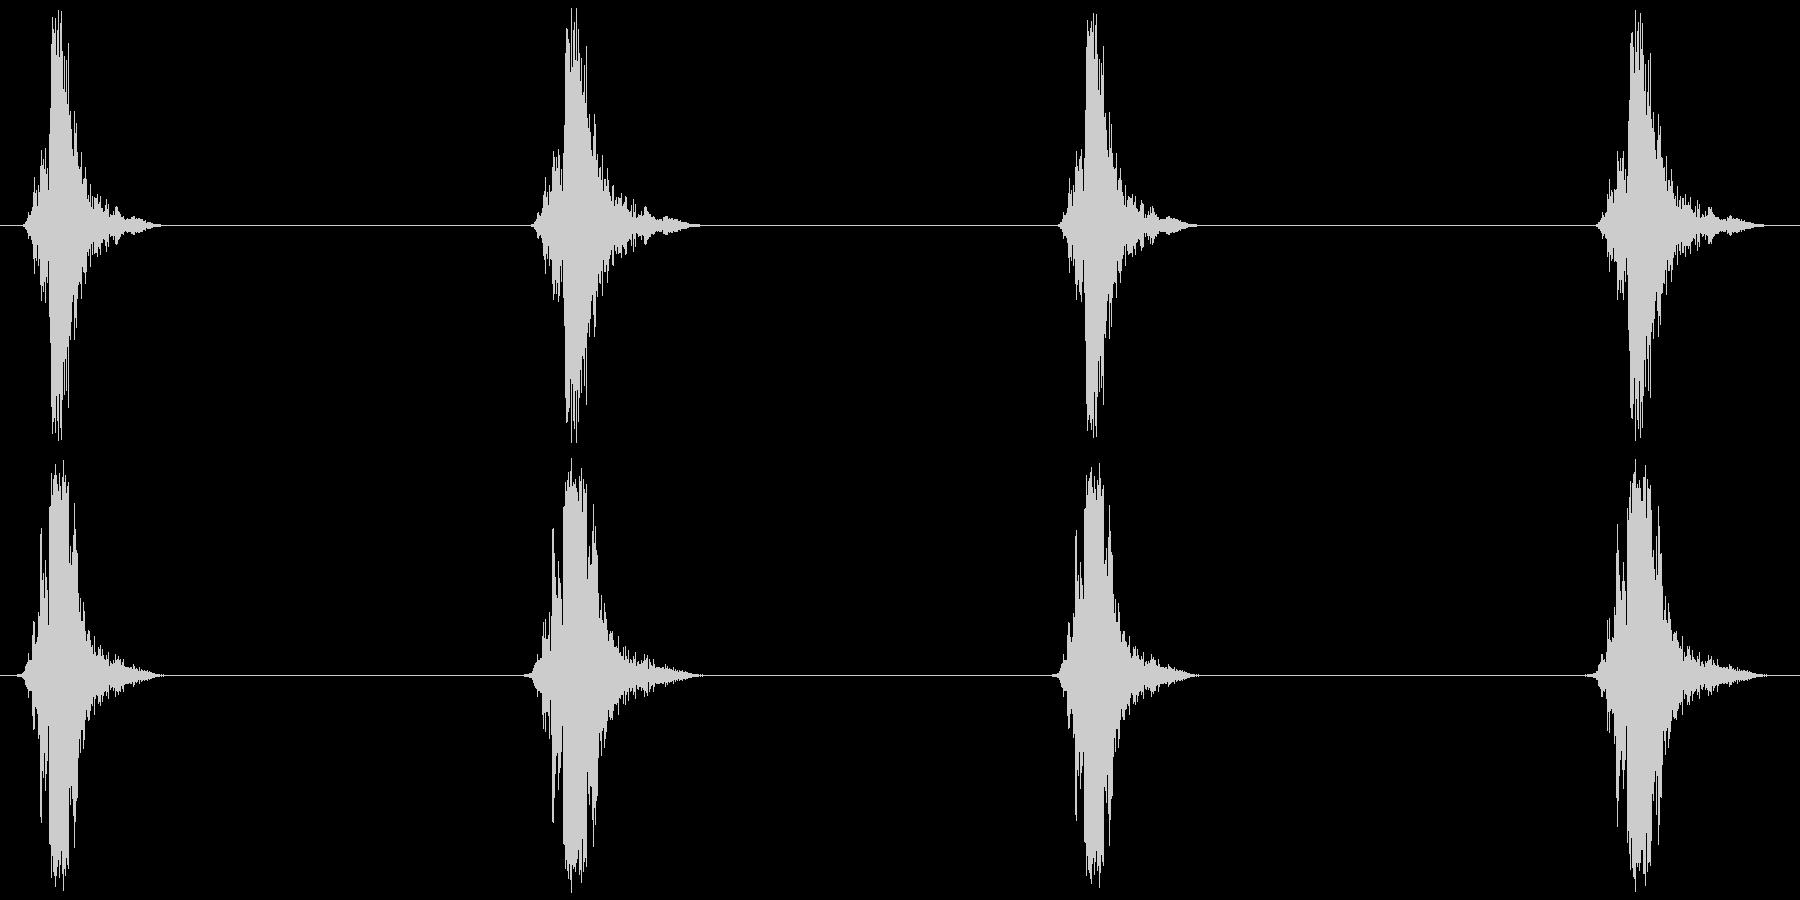 はしご、脚立 (昇降) カッカッカッカッの未再生の波形